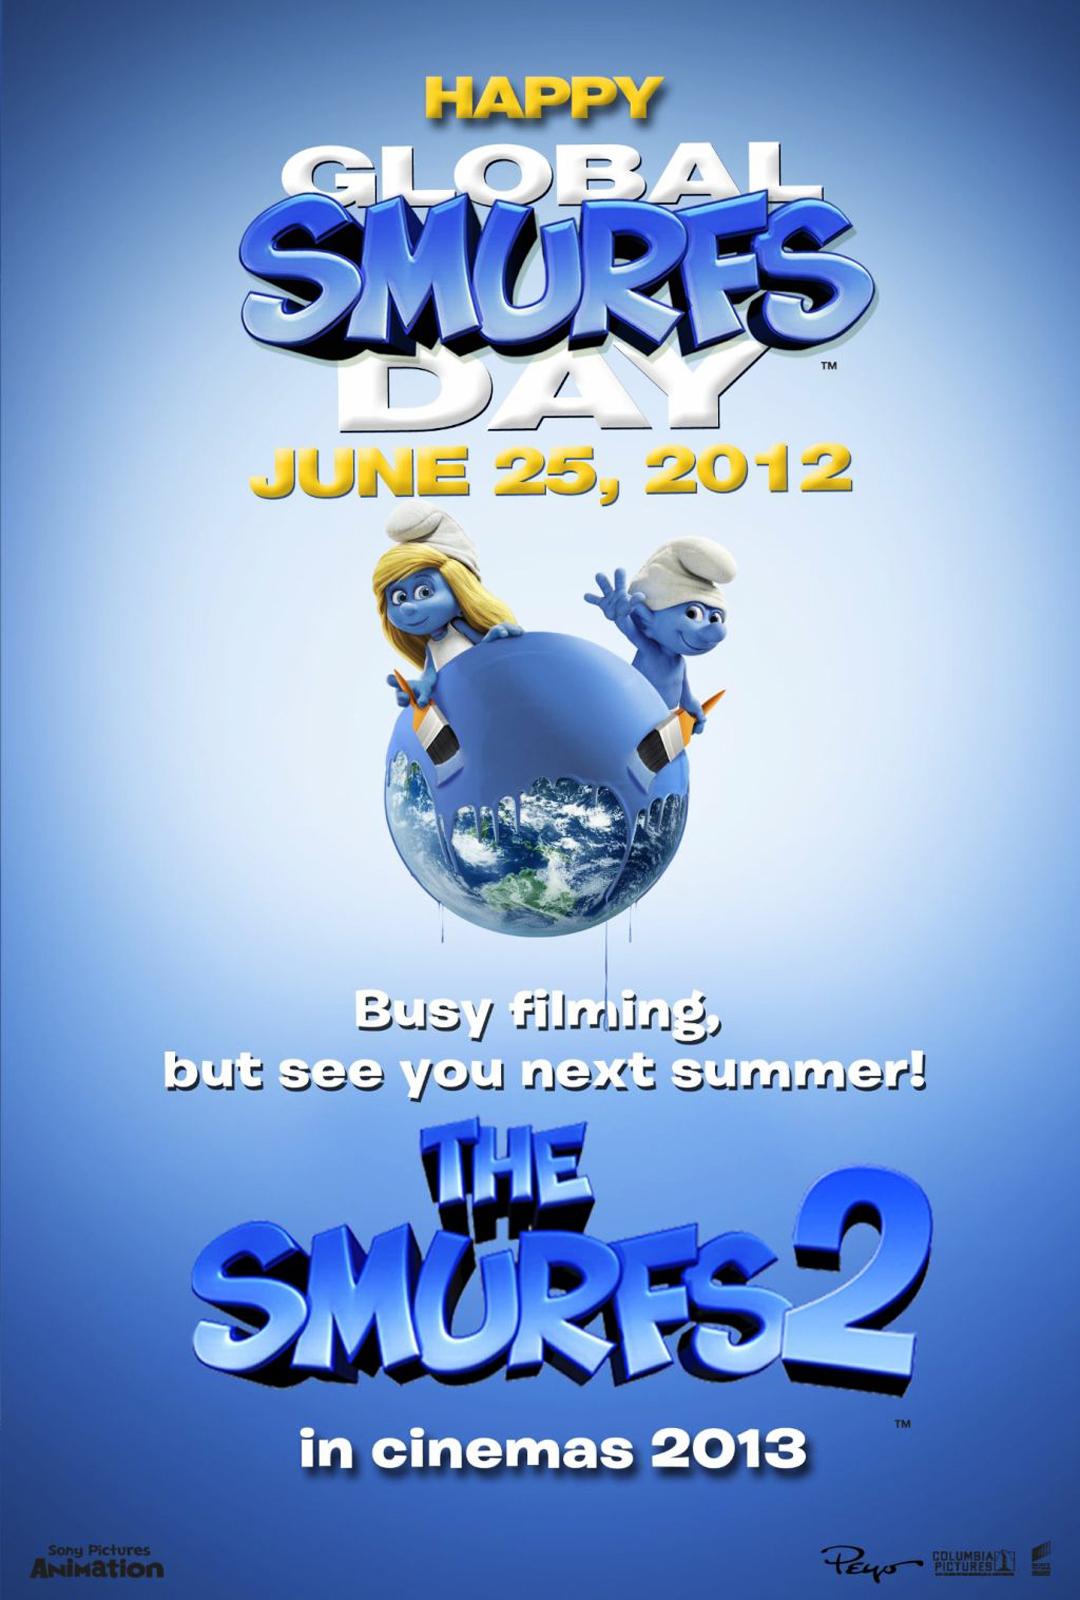 http://2.bp.blogspot.com/-3mxwMWCKThc/UHF5l274MoI/AAAAAAAAFTY/M9QJ6m3JlXQ/s1600/Smurfs-2-Global-Smurfs-Day-Poster_Vvallpaper.Net.jpg